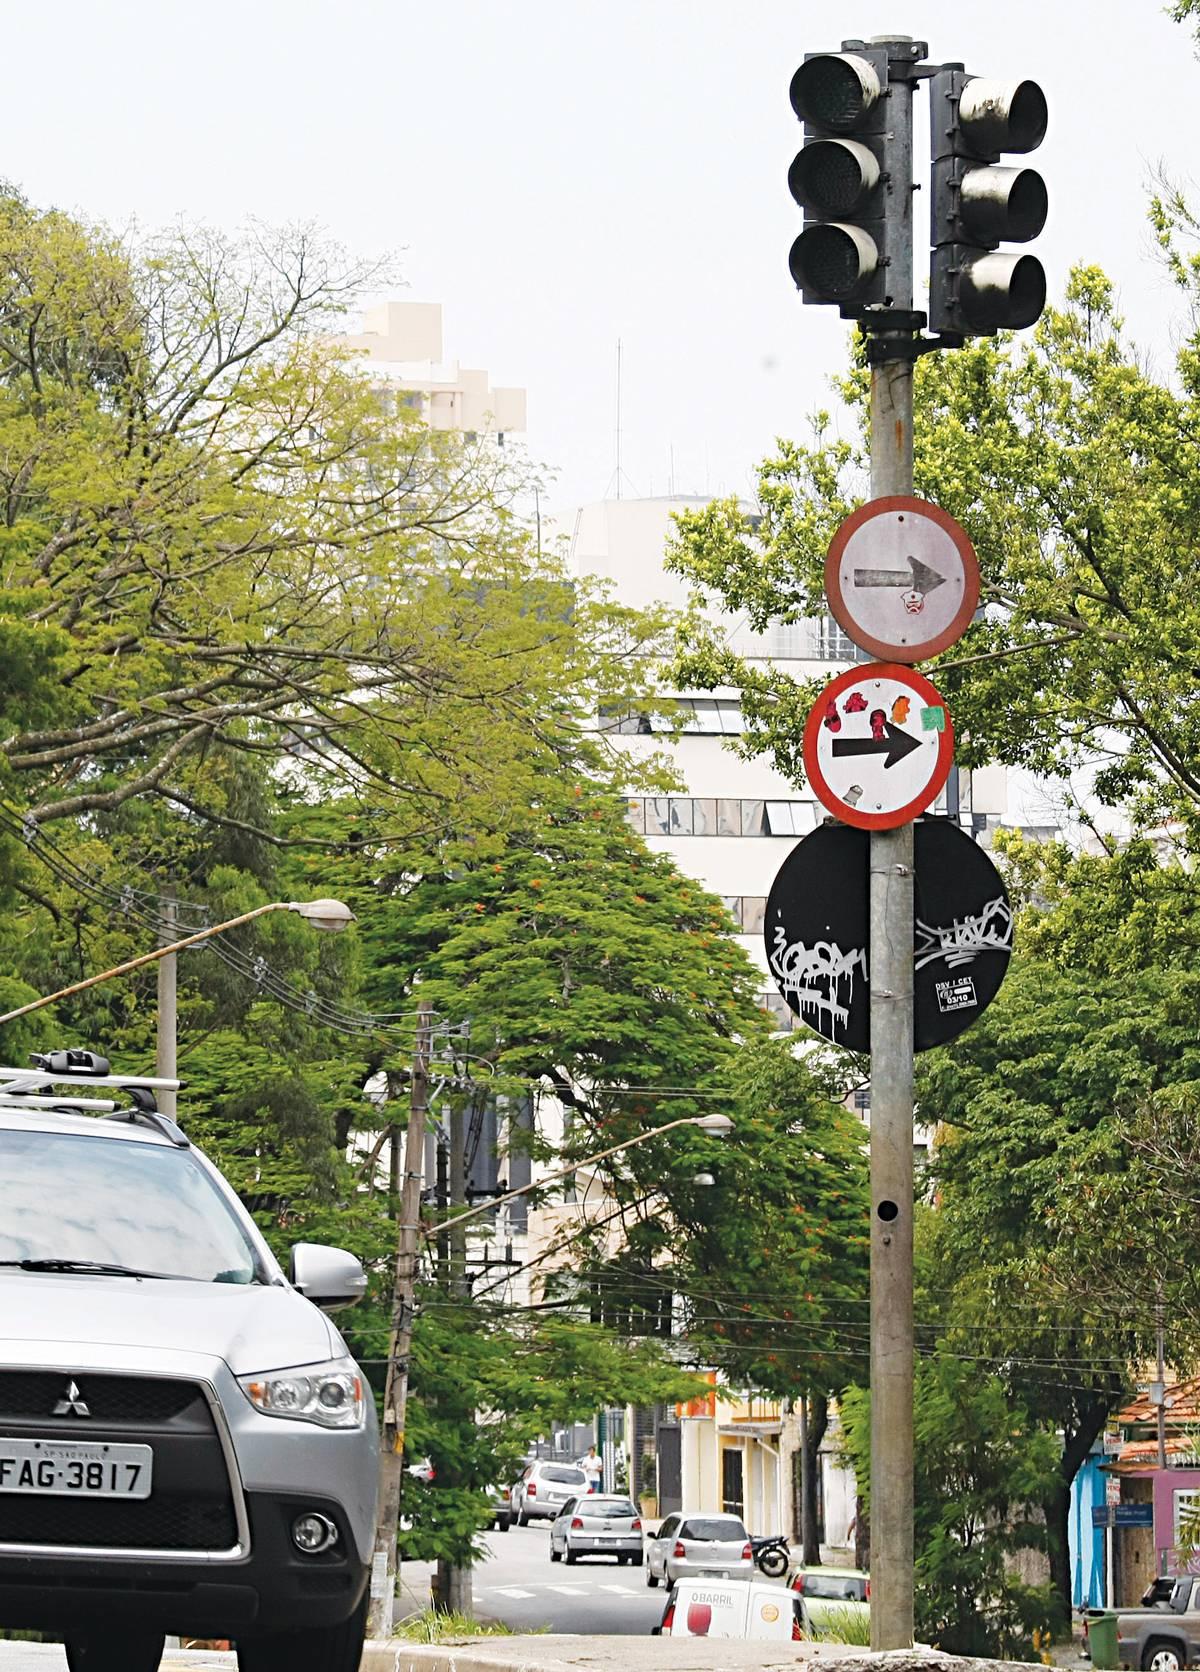 Semáforo apagado? Quando possível, evite o cruzamento ou reduza a velocidade e aguarde o momento certo para seguir